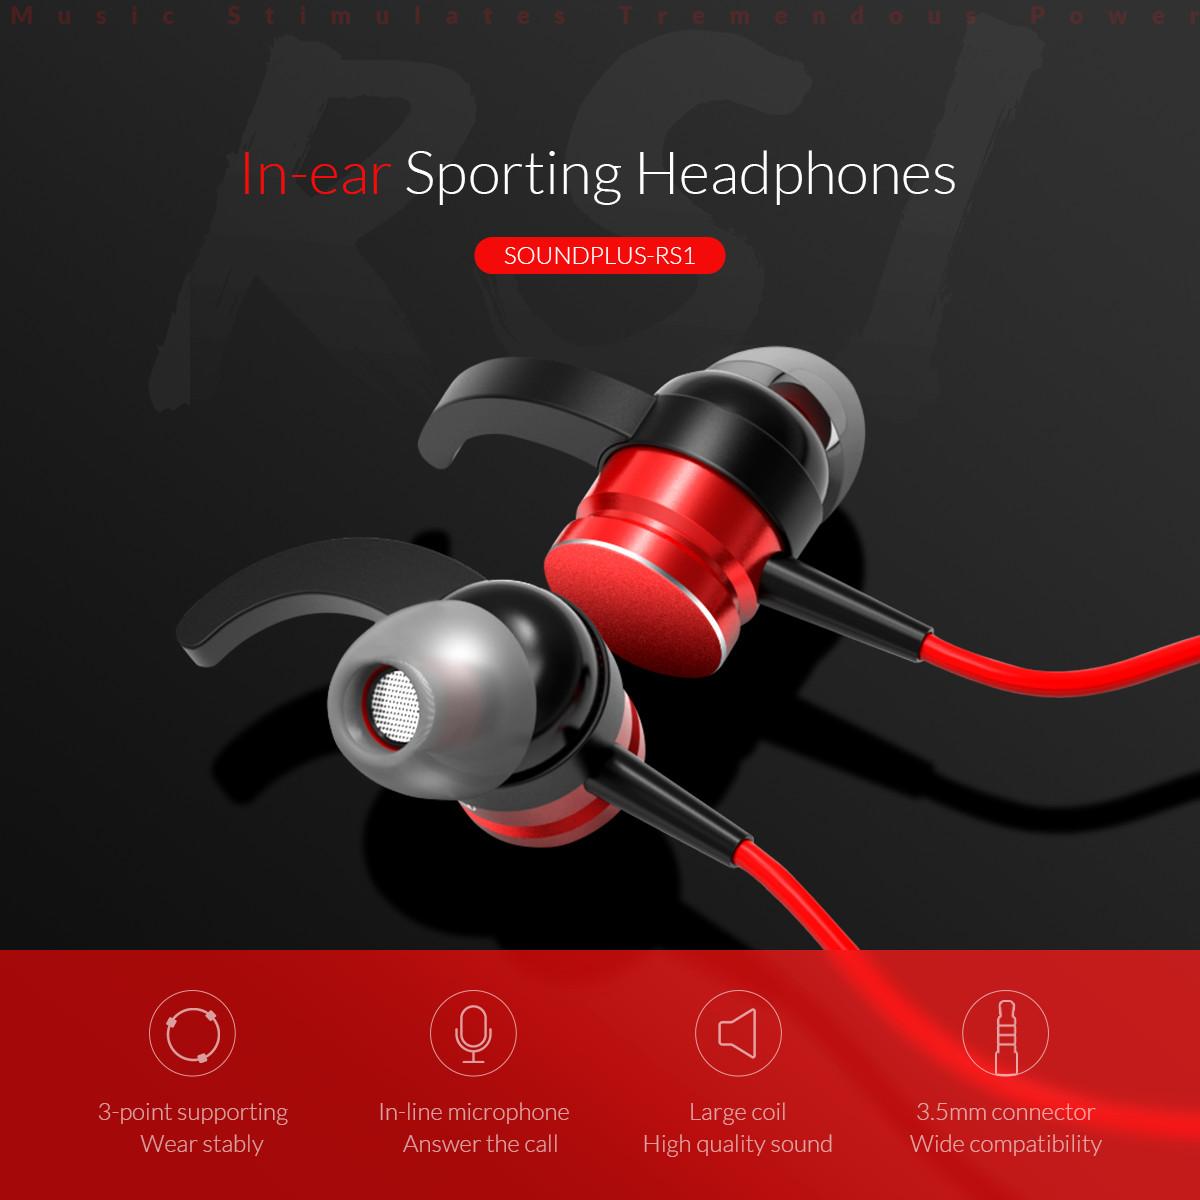 in-ear sporting headphones